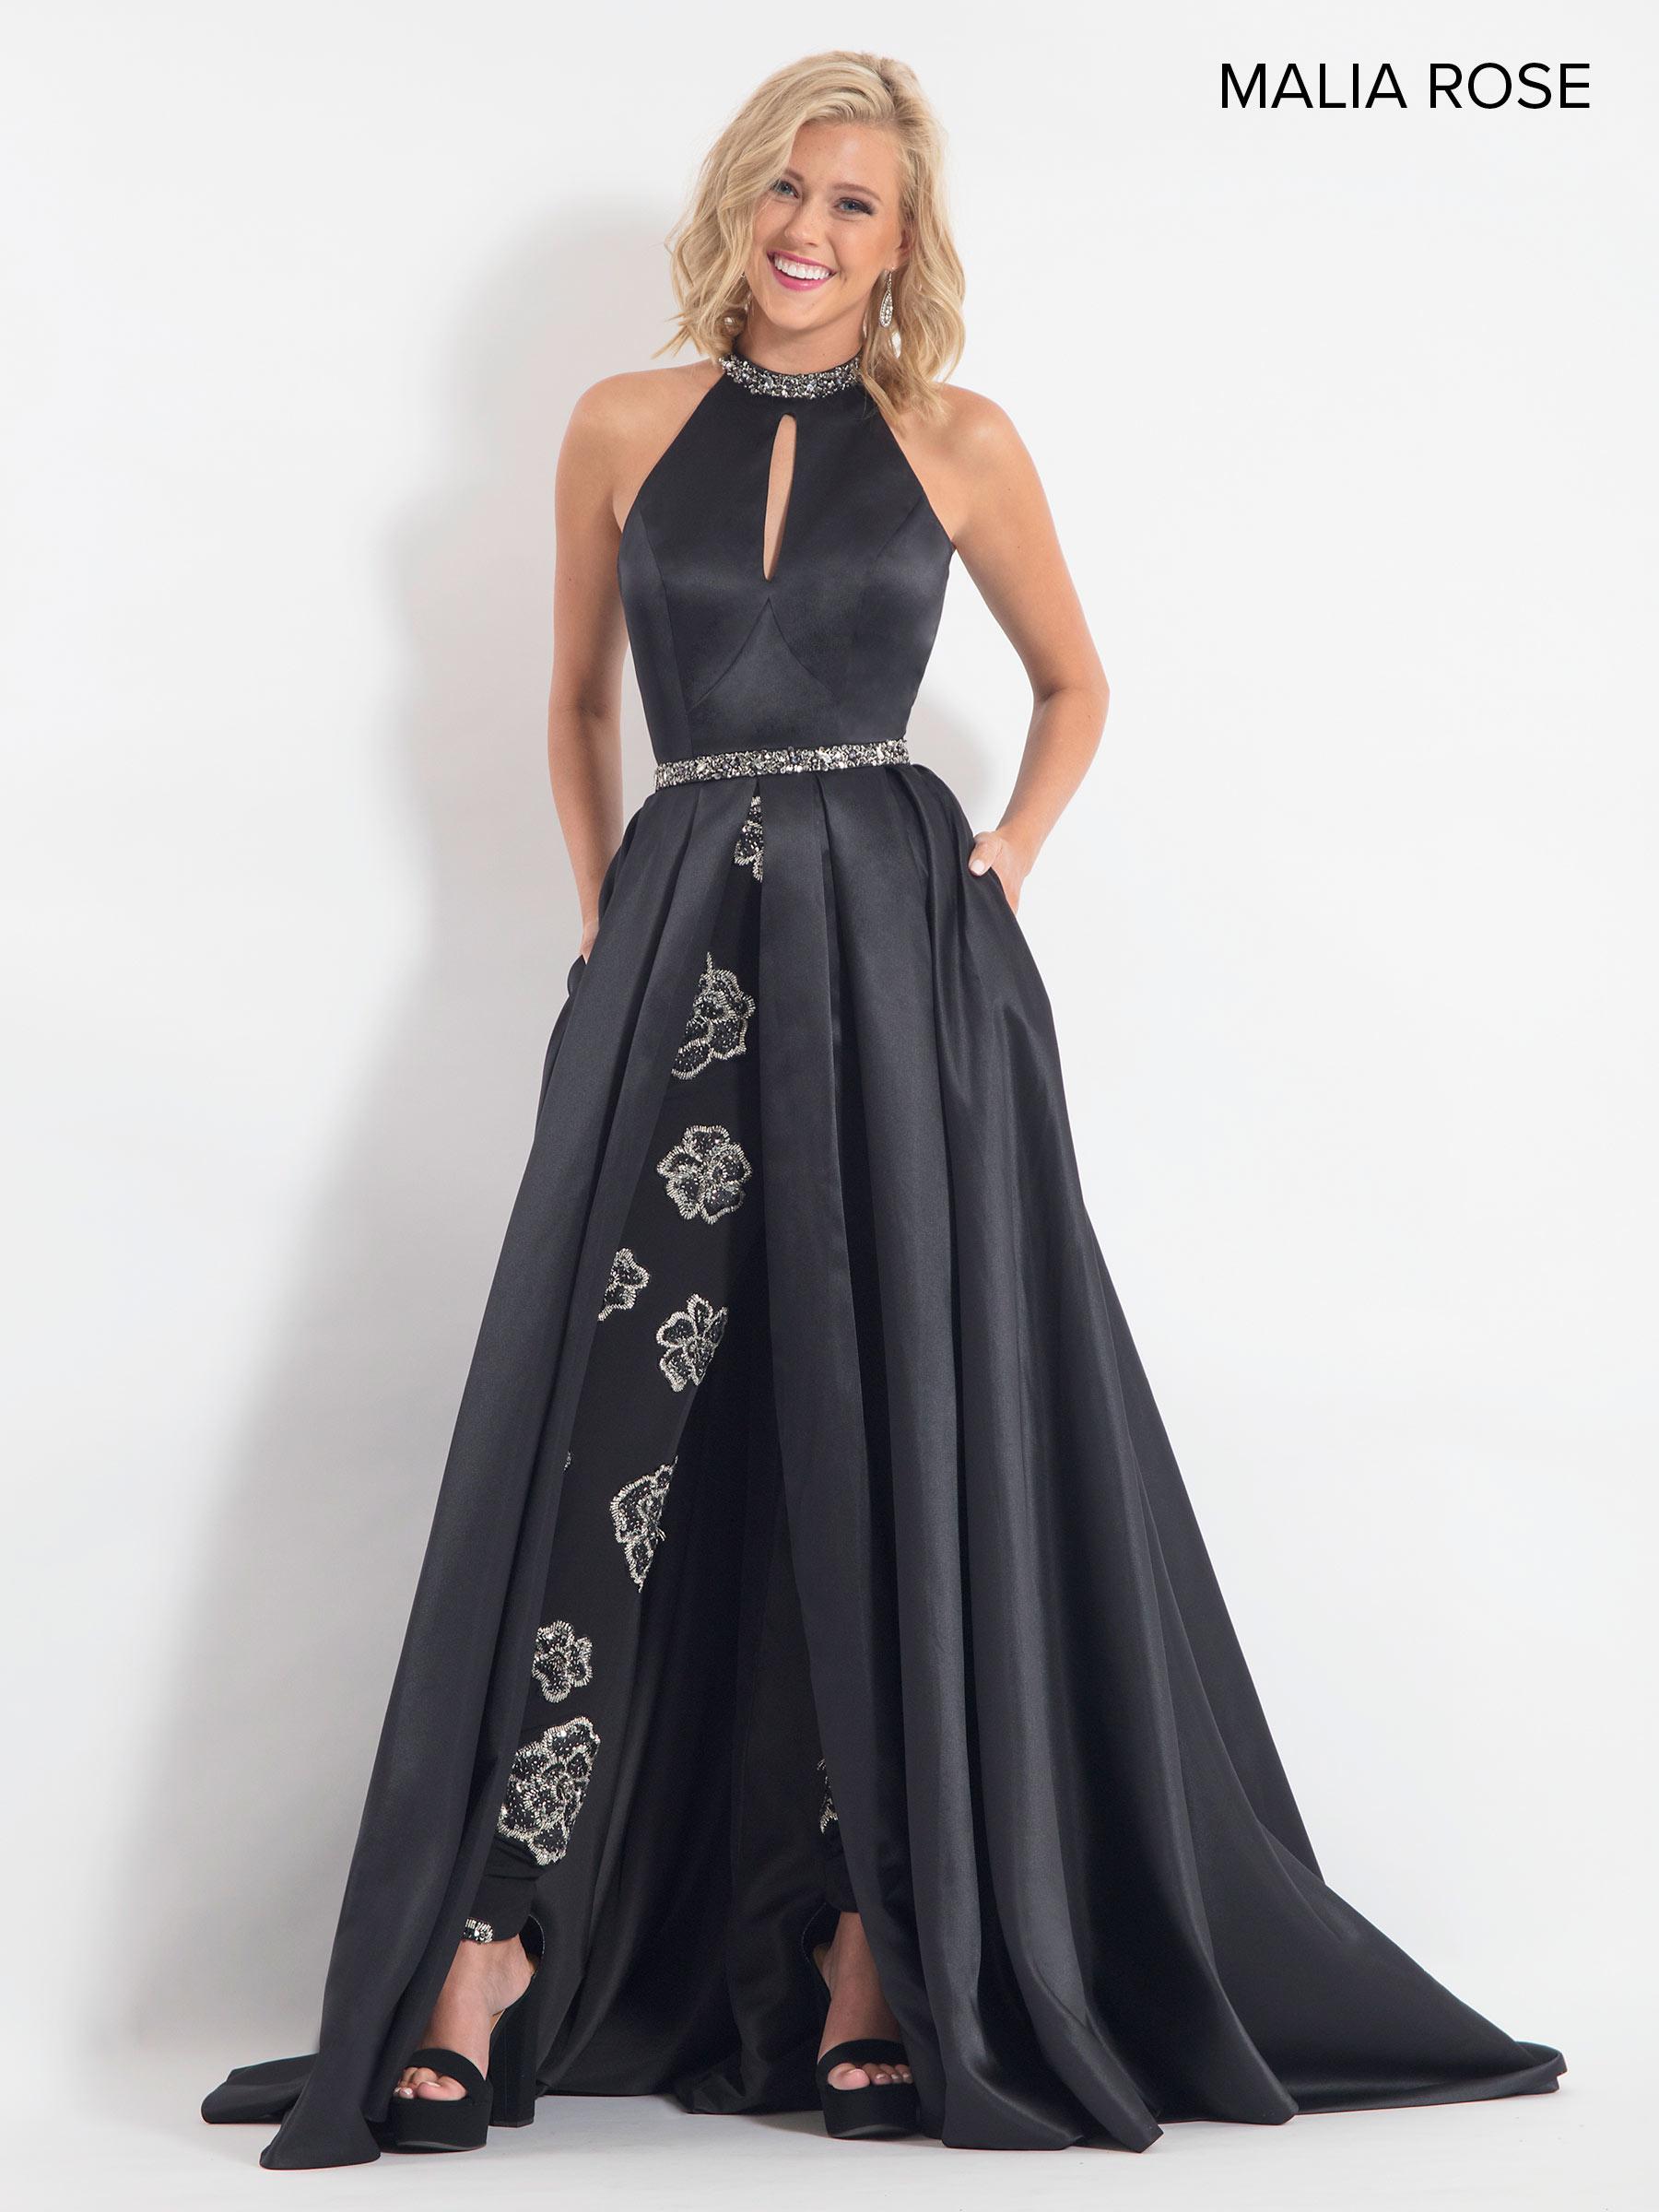 7a3173288b2 Malia Rose Prom Dresses